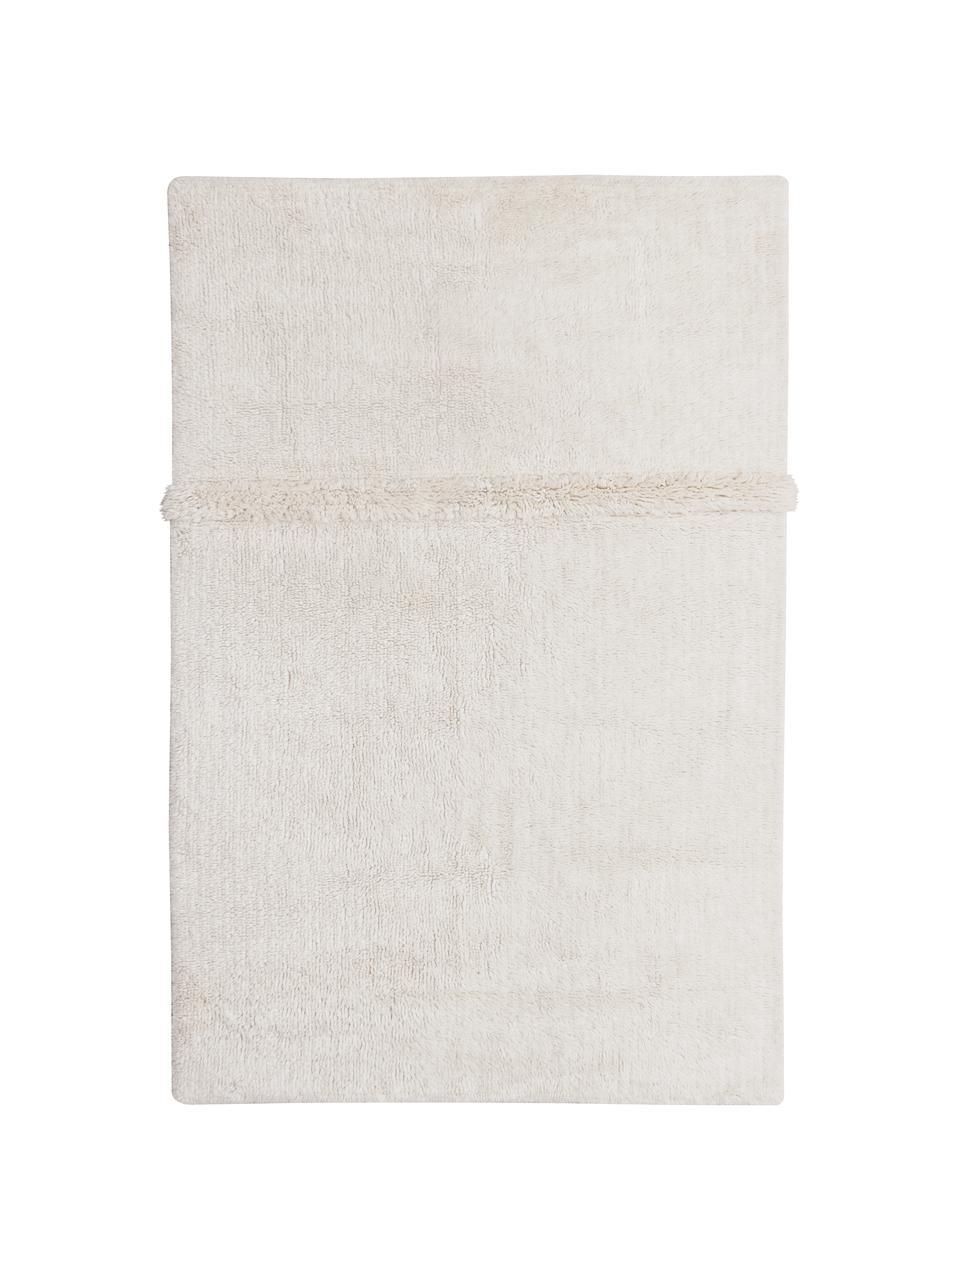 Tapis en laine blanc fait main Tundra, lavable, Blanc